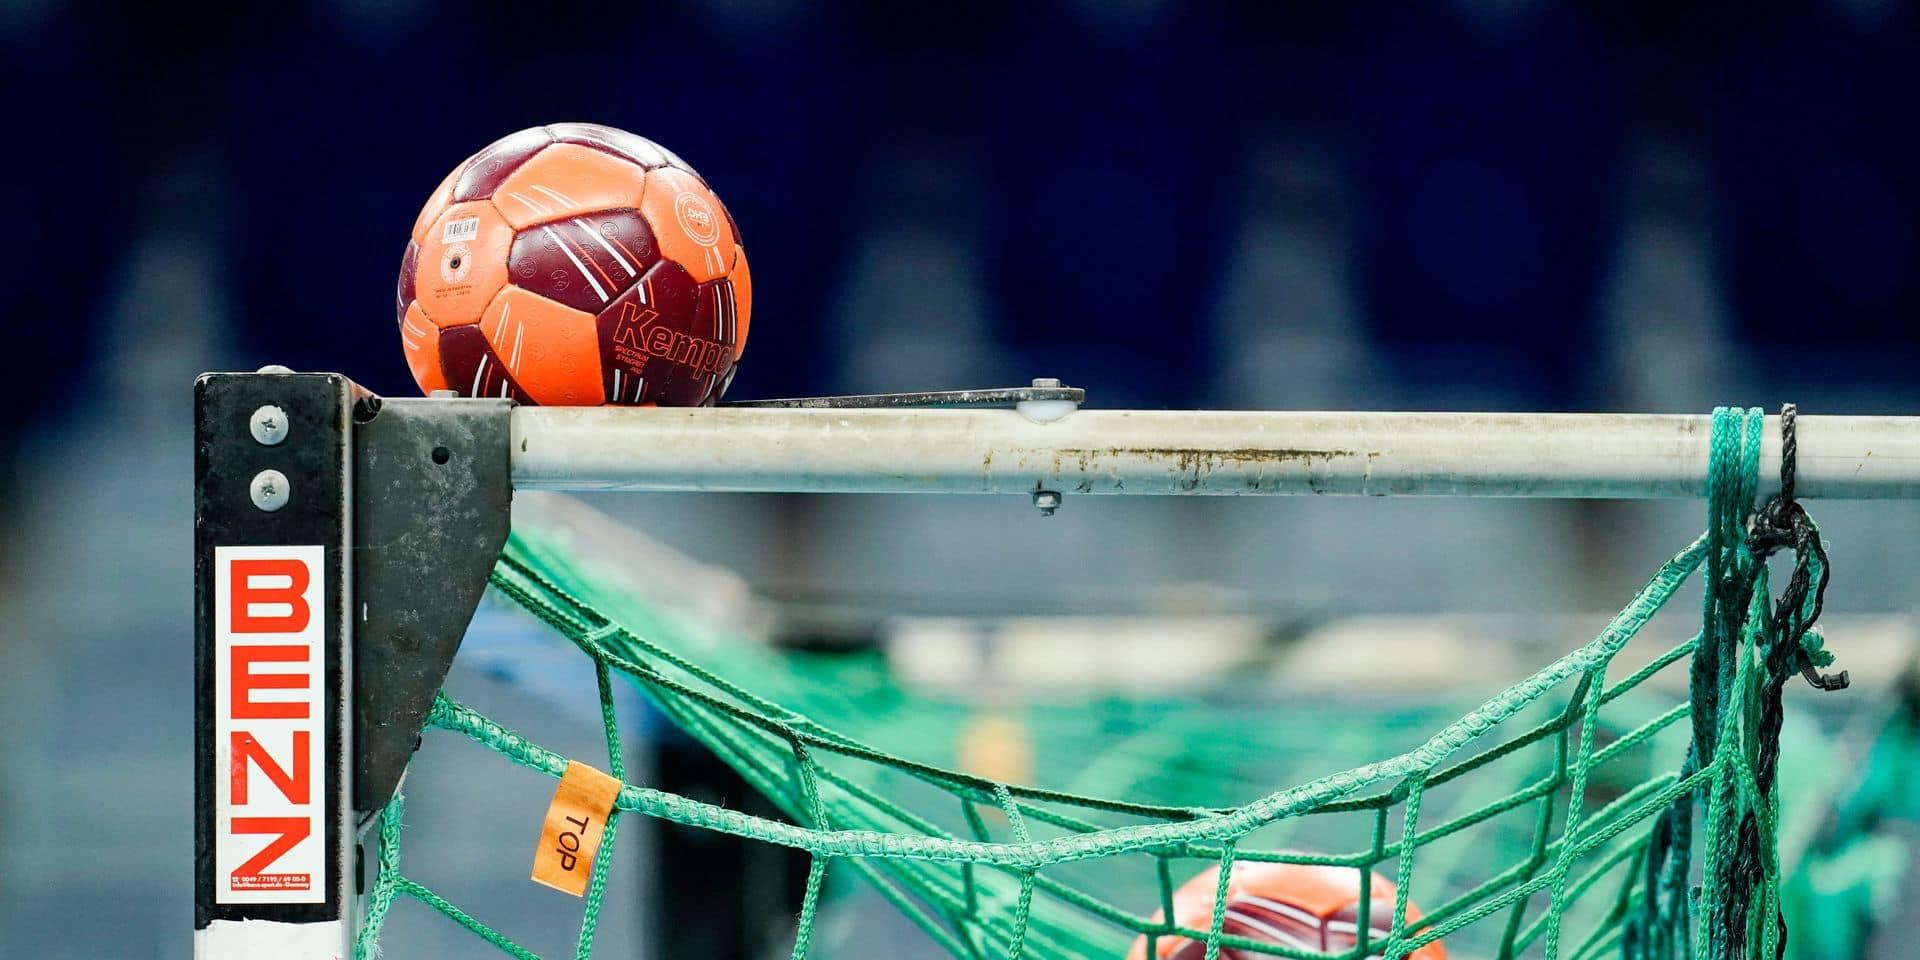 Des handballeurs espagnols obligés de porter un masque buccal pendant un match